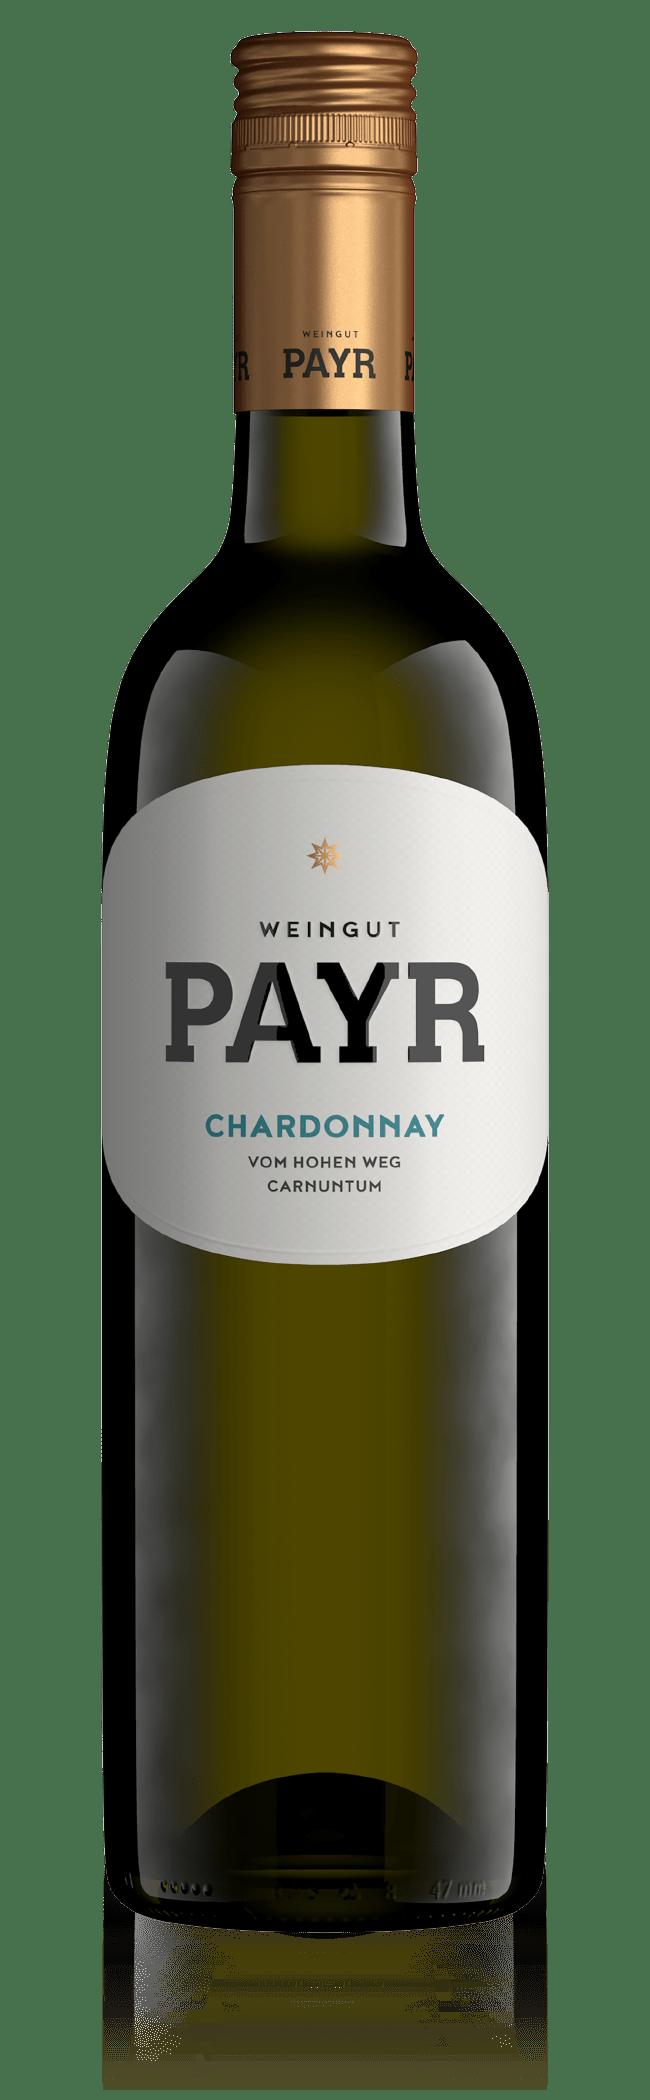 Weinflasche Chardonnay vom Lehm